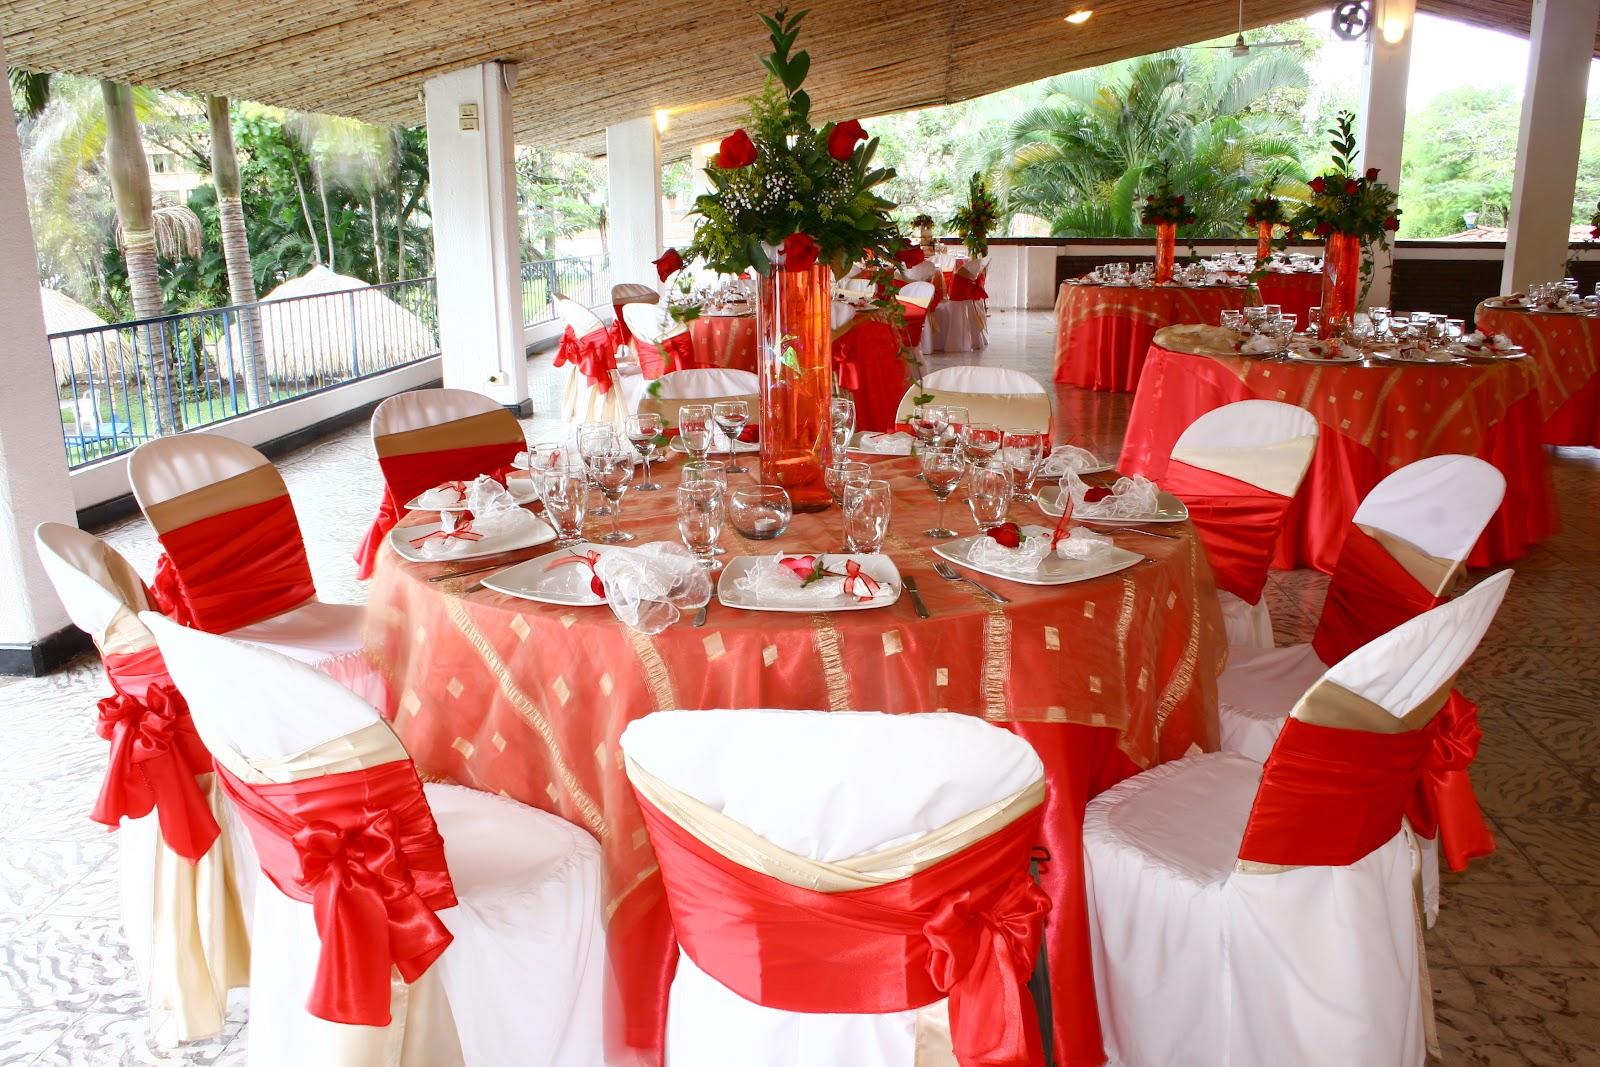 Renta de mesas y sillas para fiestas y eventos en los for Alquiler mesas sillas